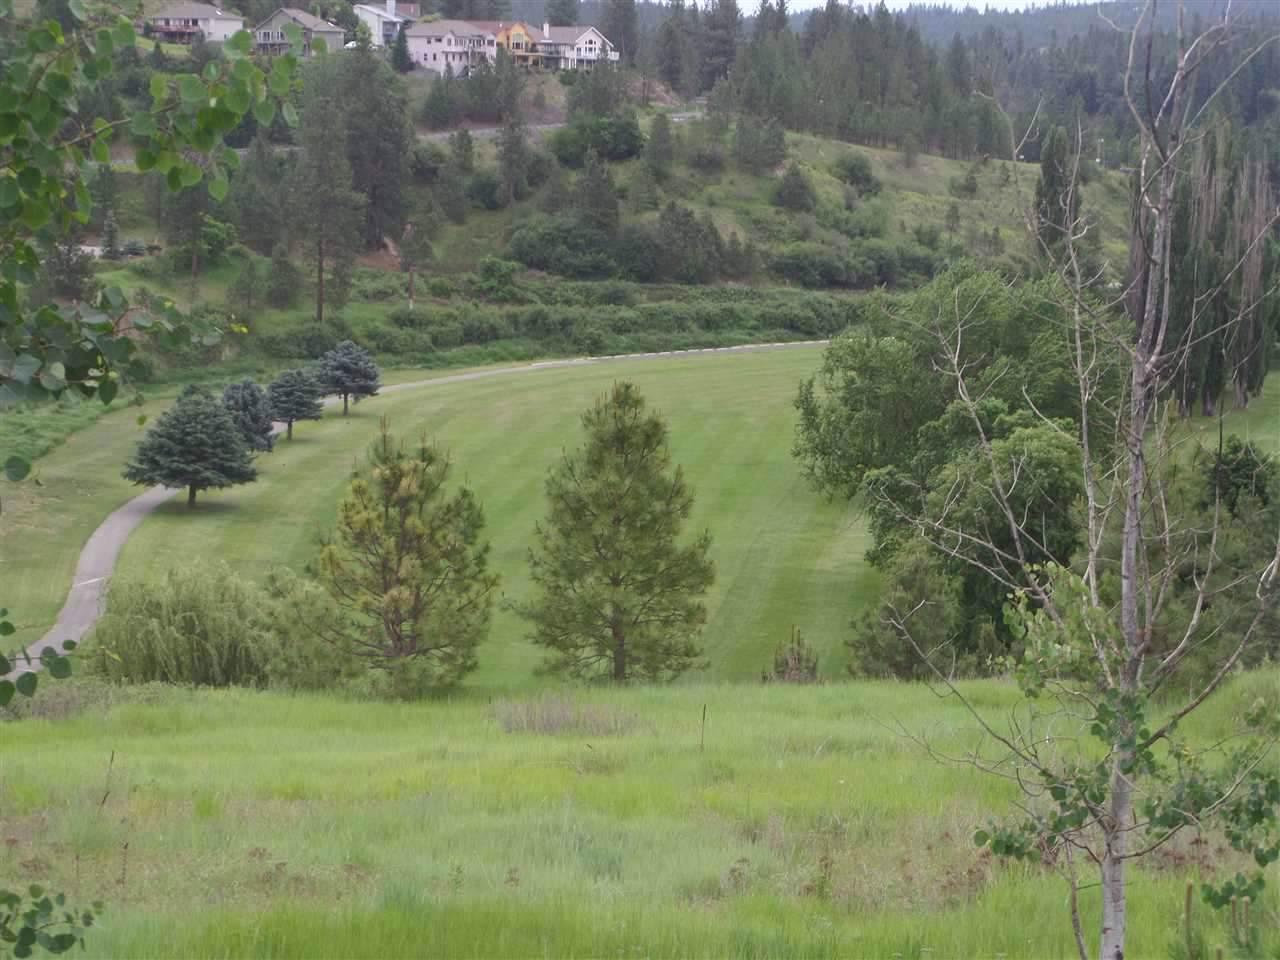 11707 Fairway Ridge Ln - Photo 1